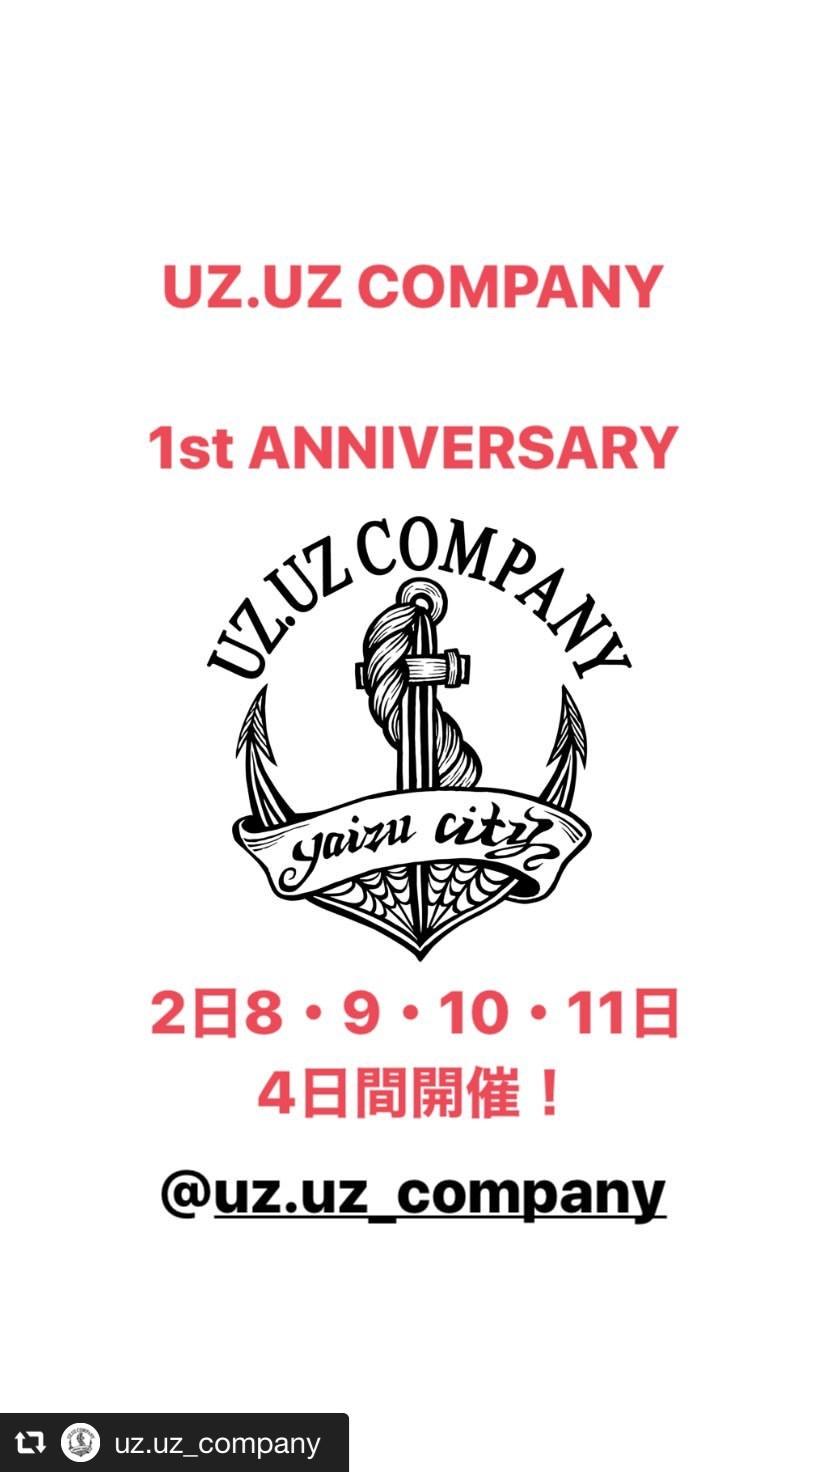 遂に明日から、UZ.UZ COMPANY 1st ANNIVERSARY!!!!